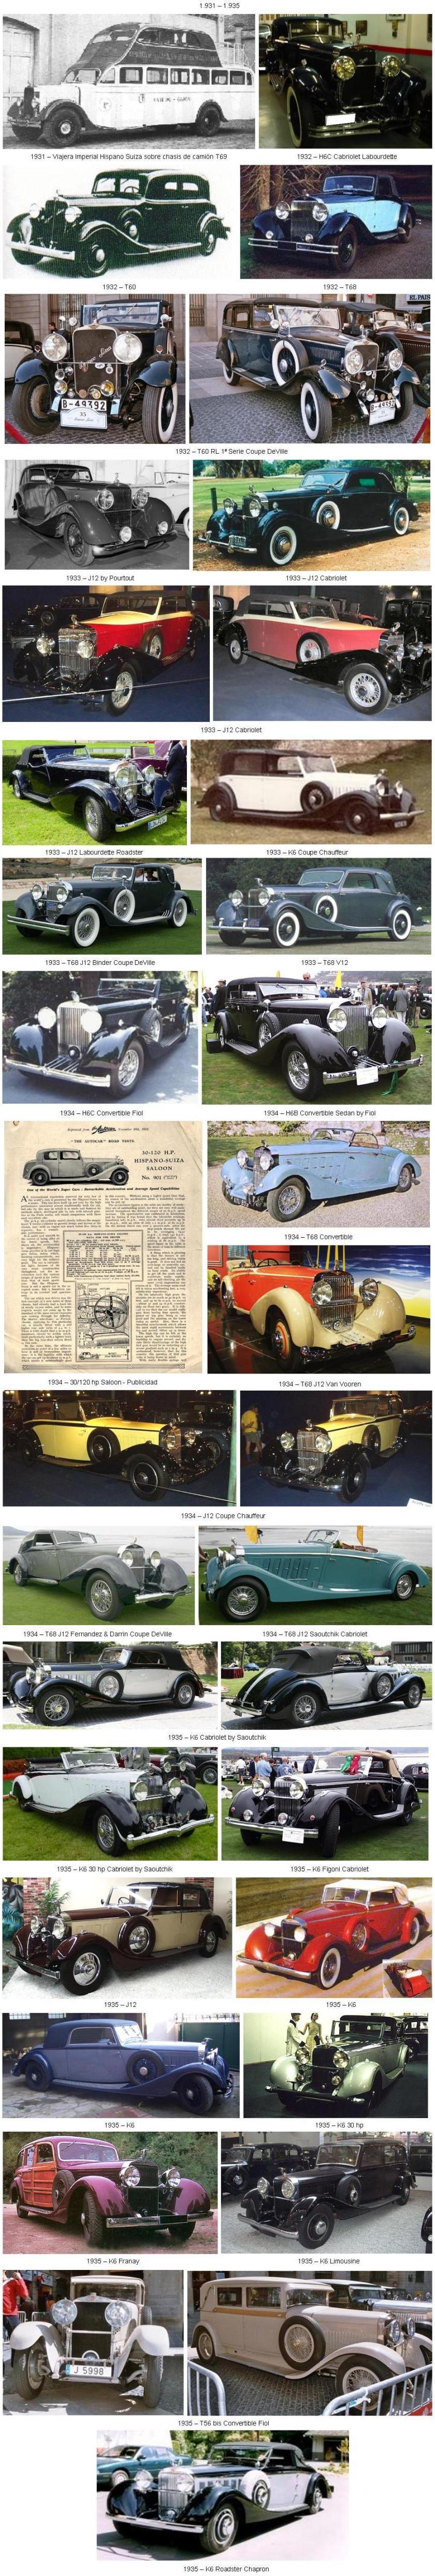 1931-1935 HISPANO SUIZA-05